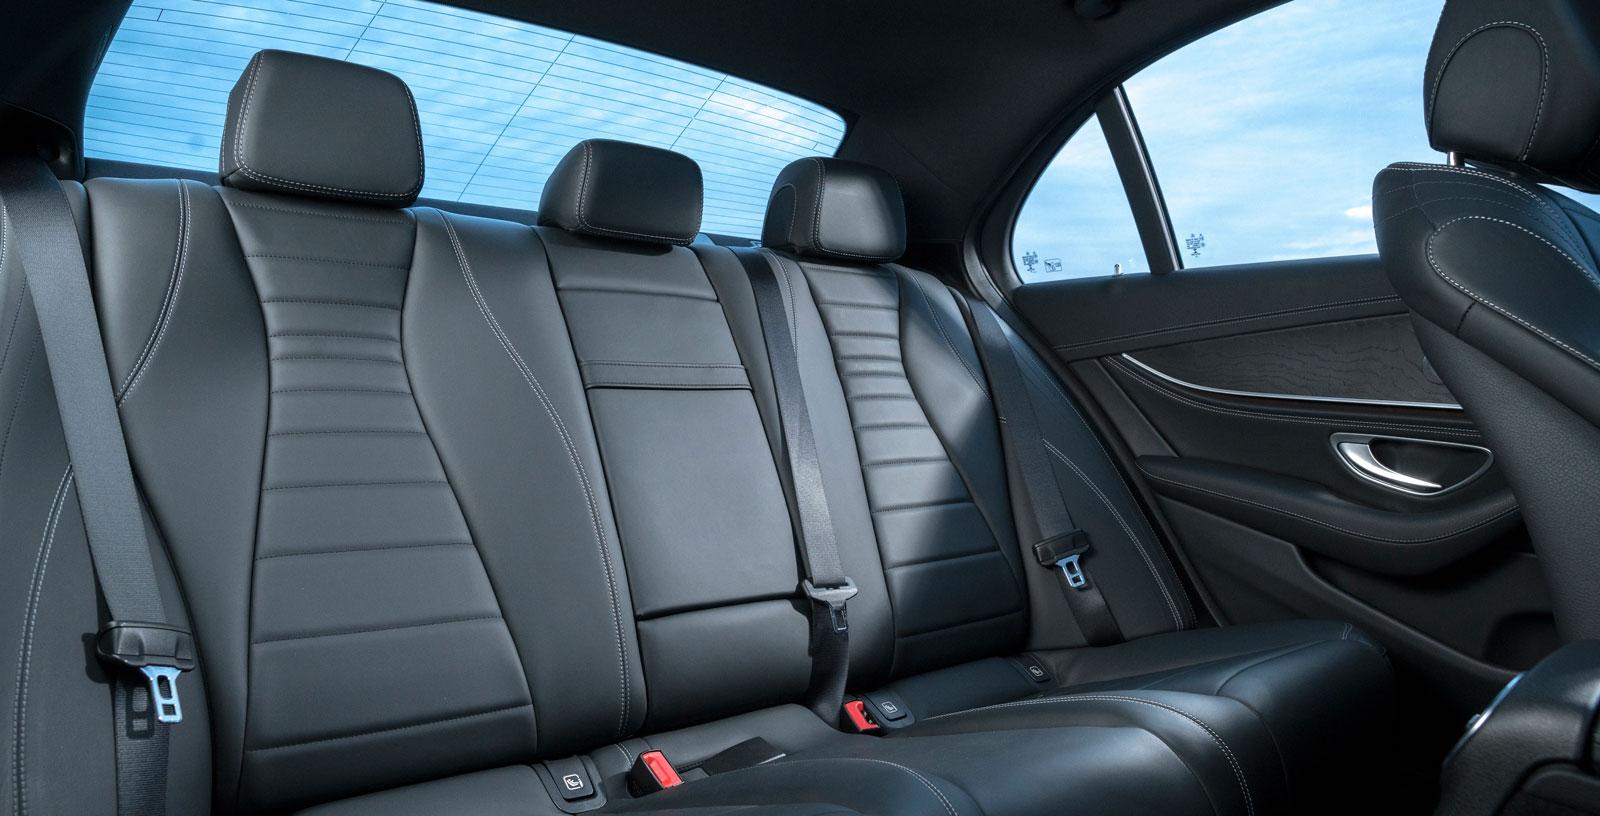 Mercedes baksäte är inte lika skönt att sitta i som BMW:s, men utrymmena är likvärdiga. Trängre dörröppning än i både Volvo och BMW.